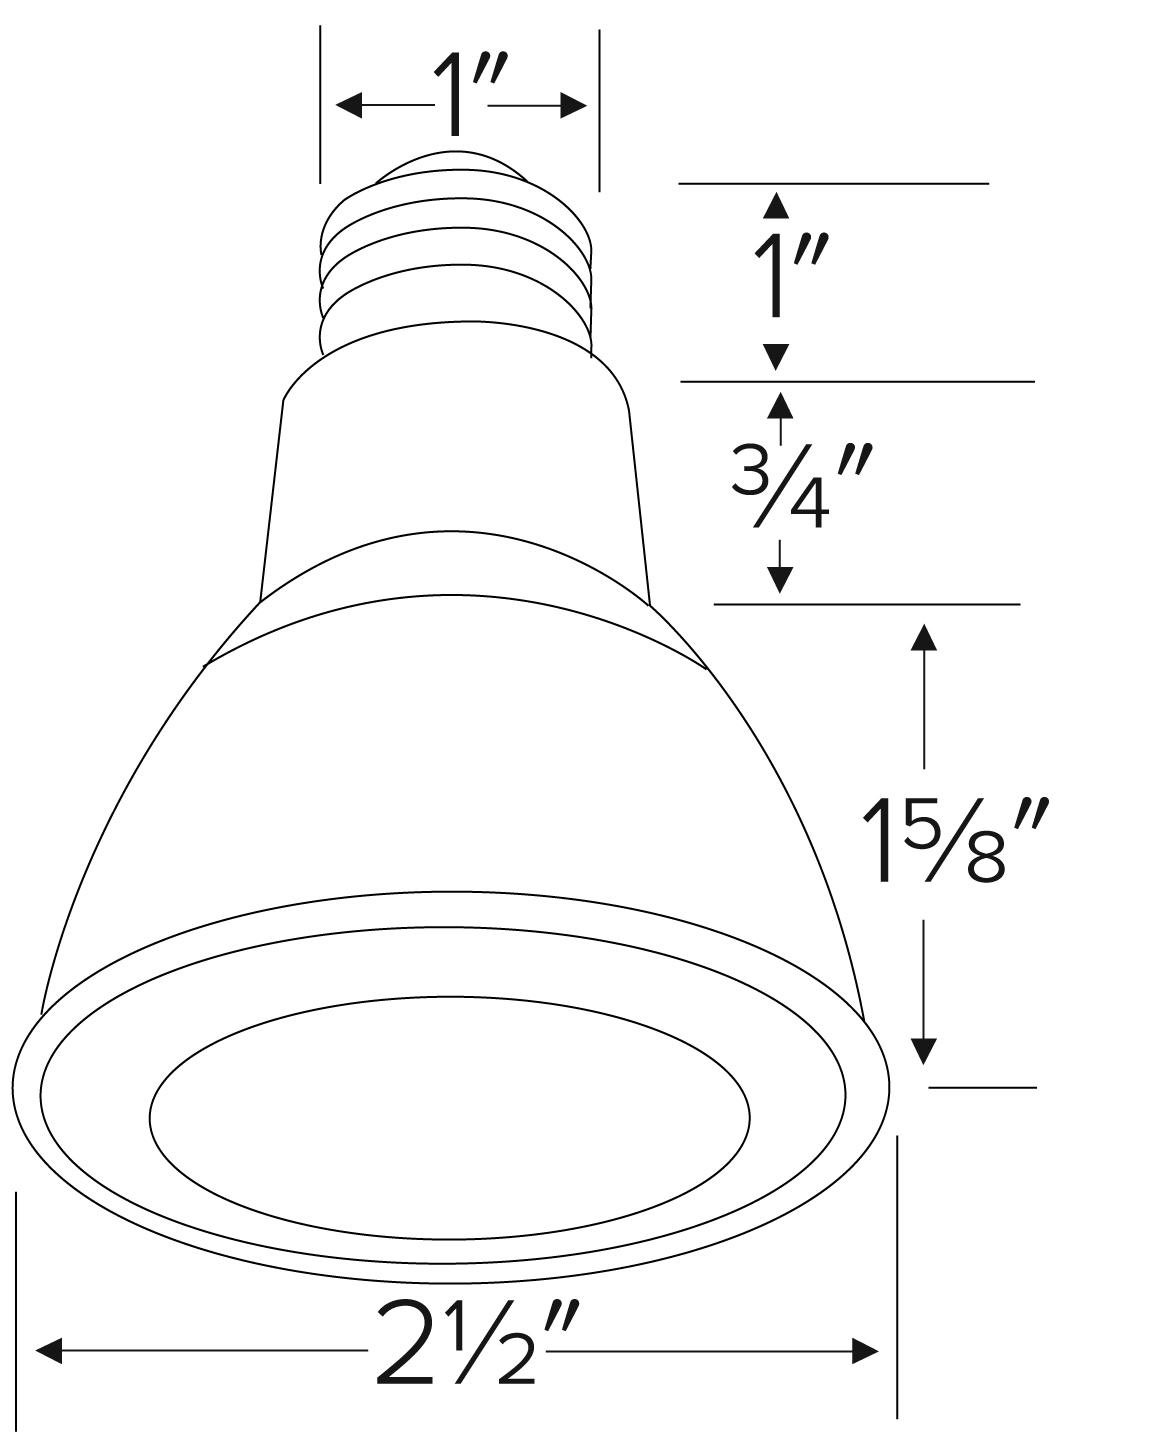 Emergency Lighting Wall Packs | Wiring Diagram Database on